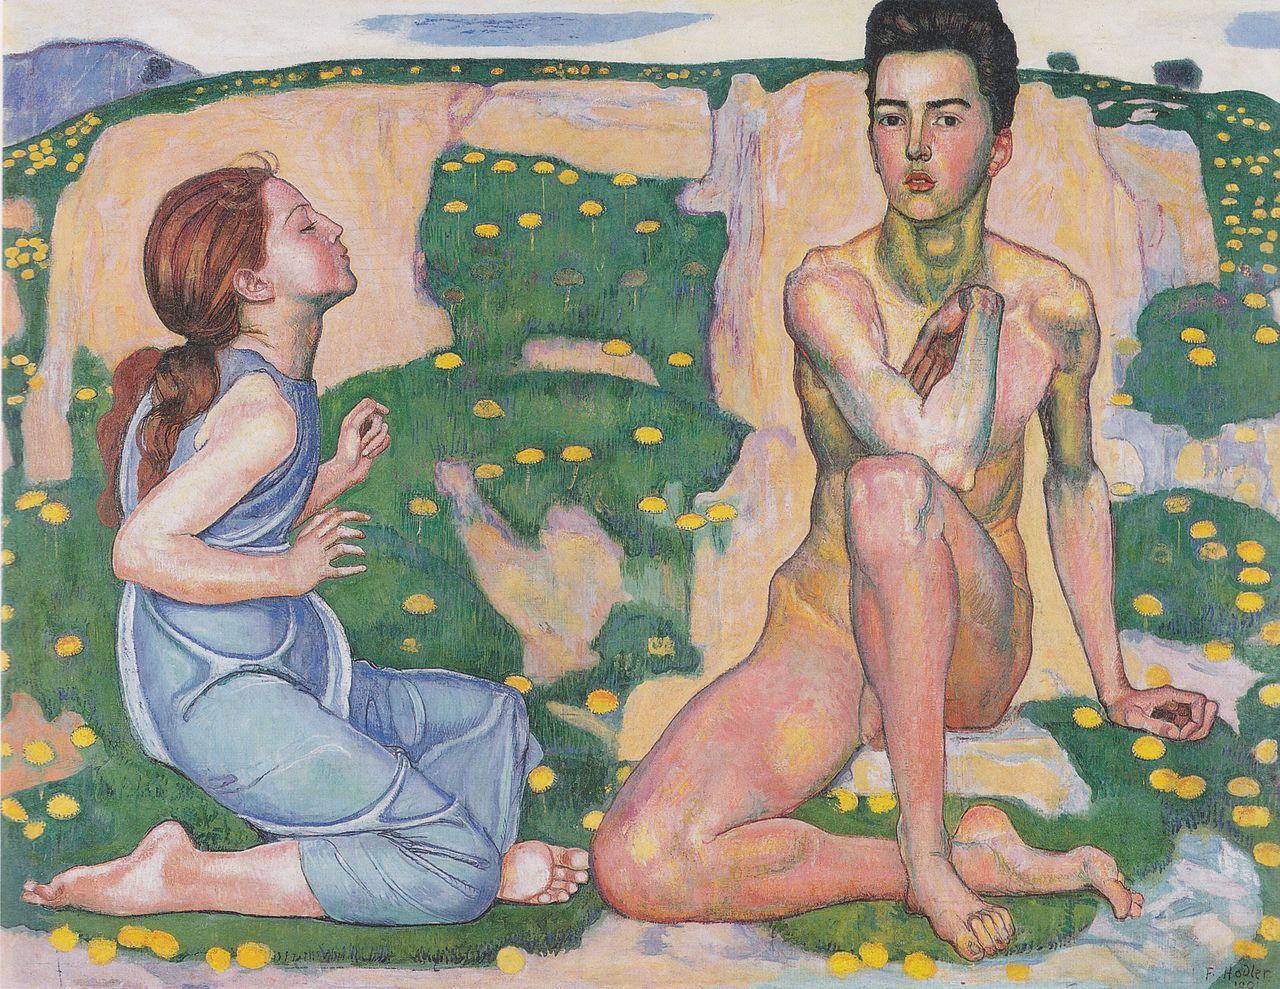 Весна. 1901, Ходлер, Фердинанд (1853-1918);